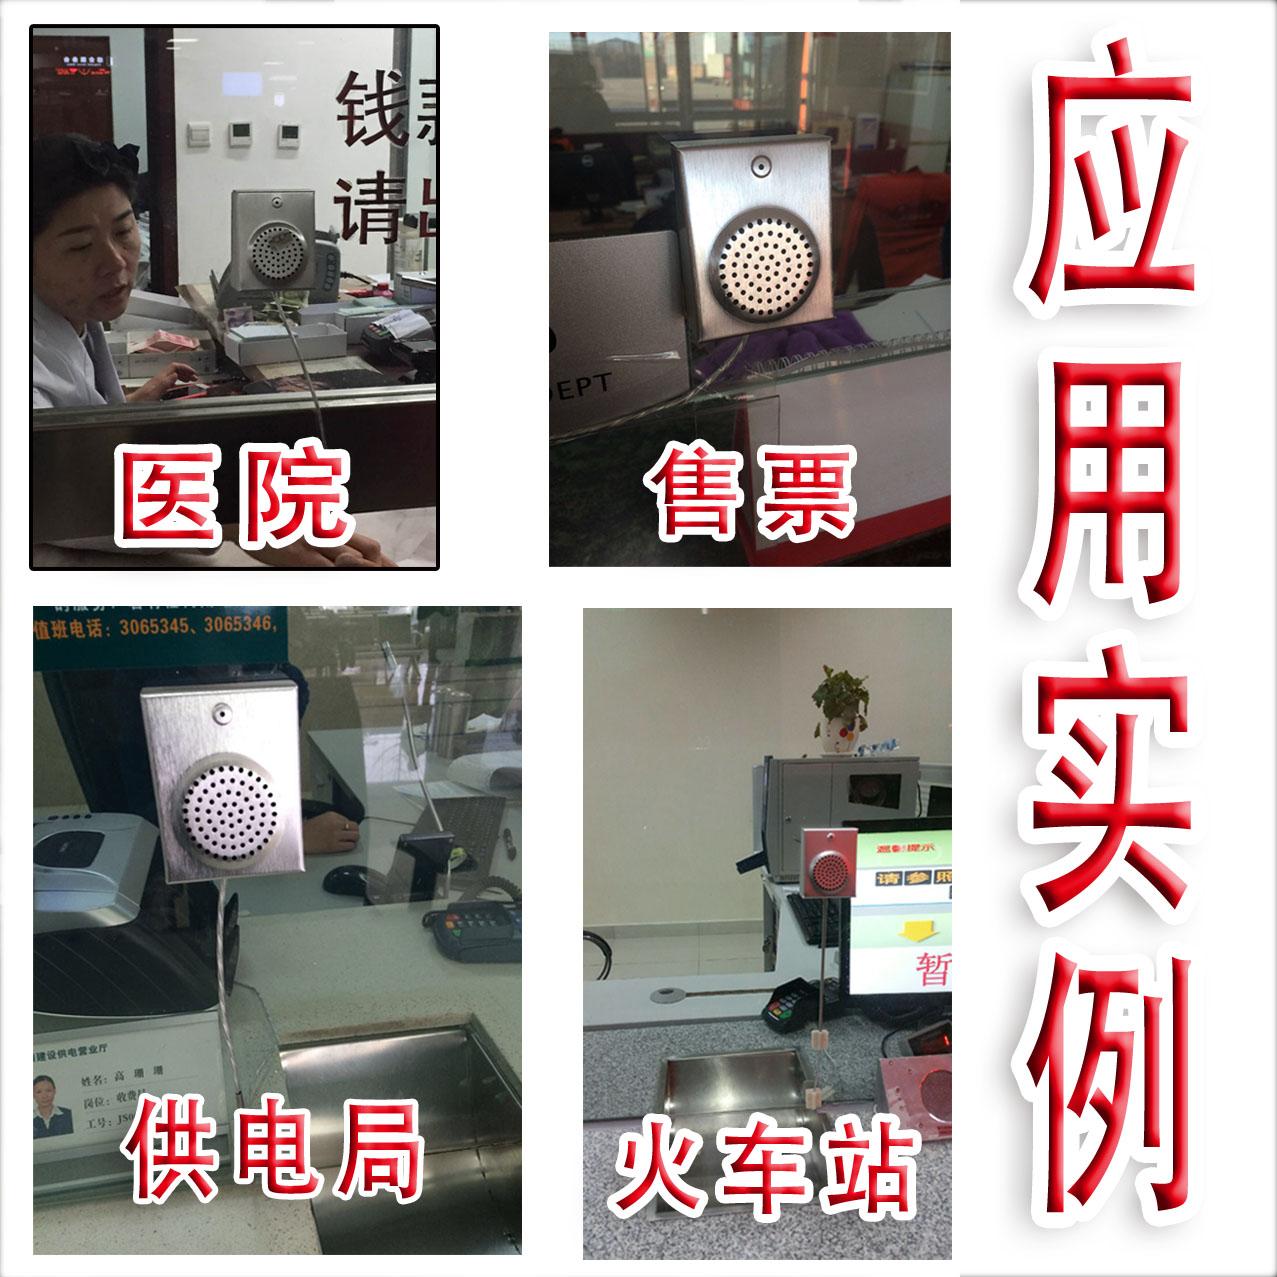 Intercomunicador bidireccional bidireccional para ventana Intercomunicador para estación hospitalaria Altavoz Micrófono de alta potencia Intercomunicador